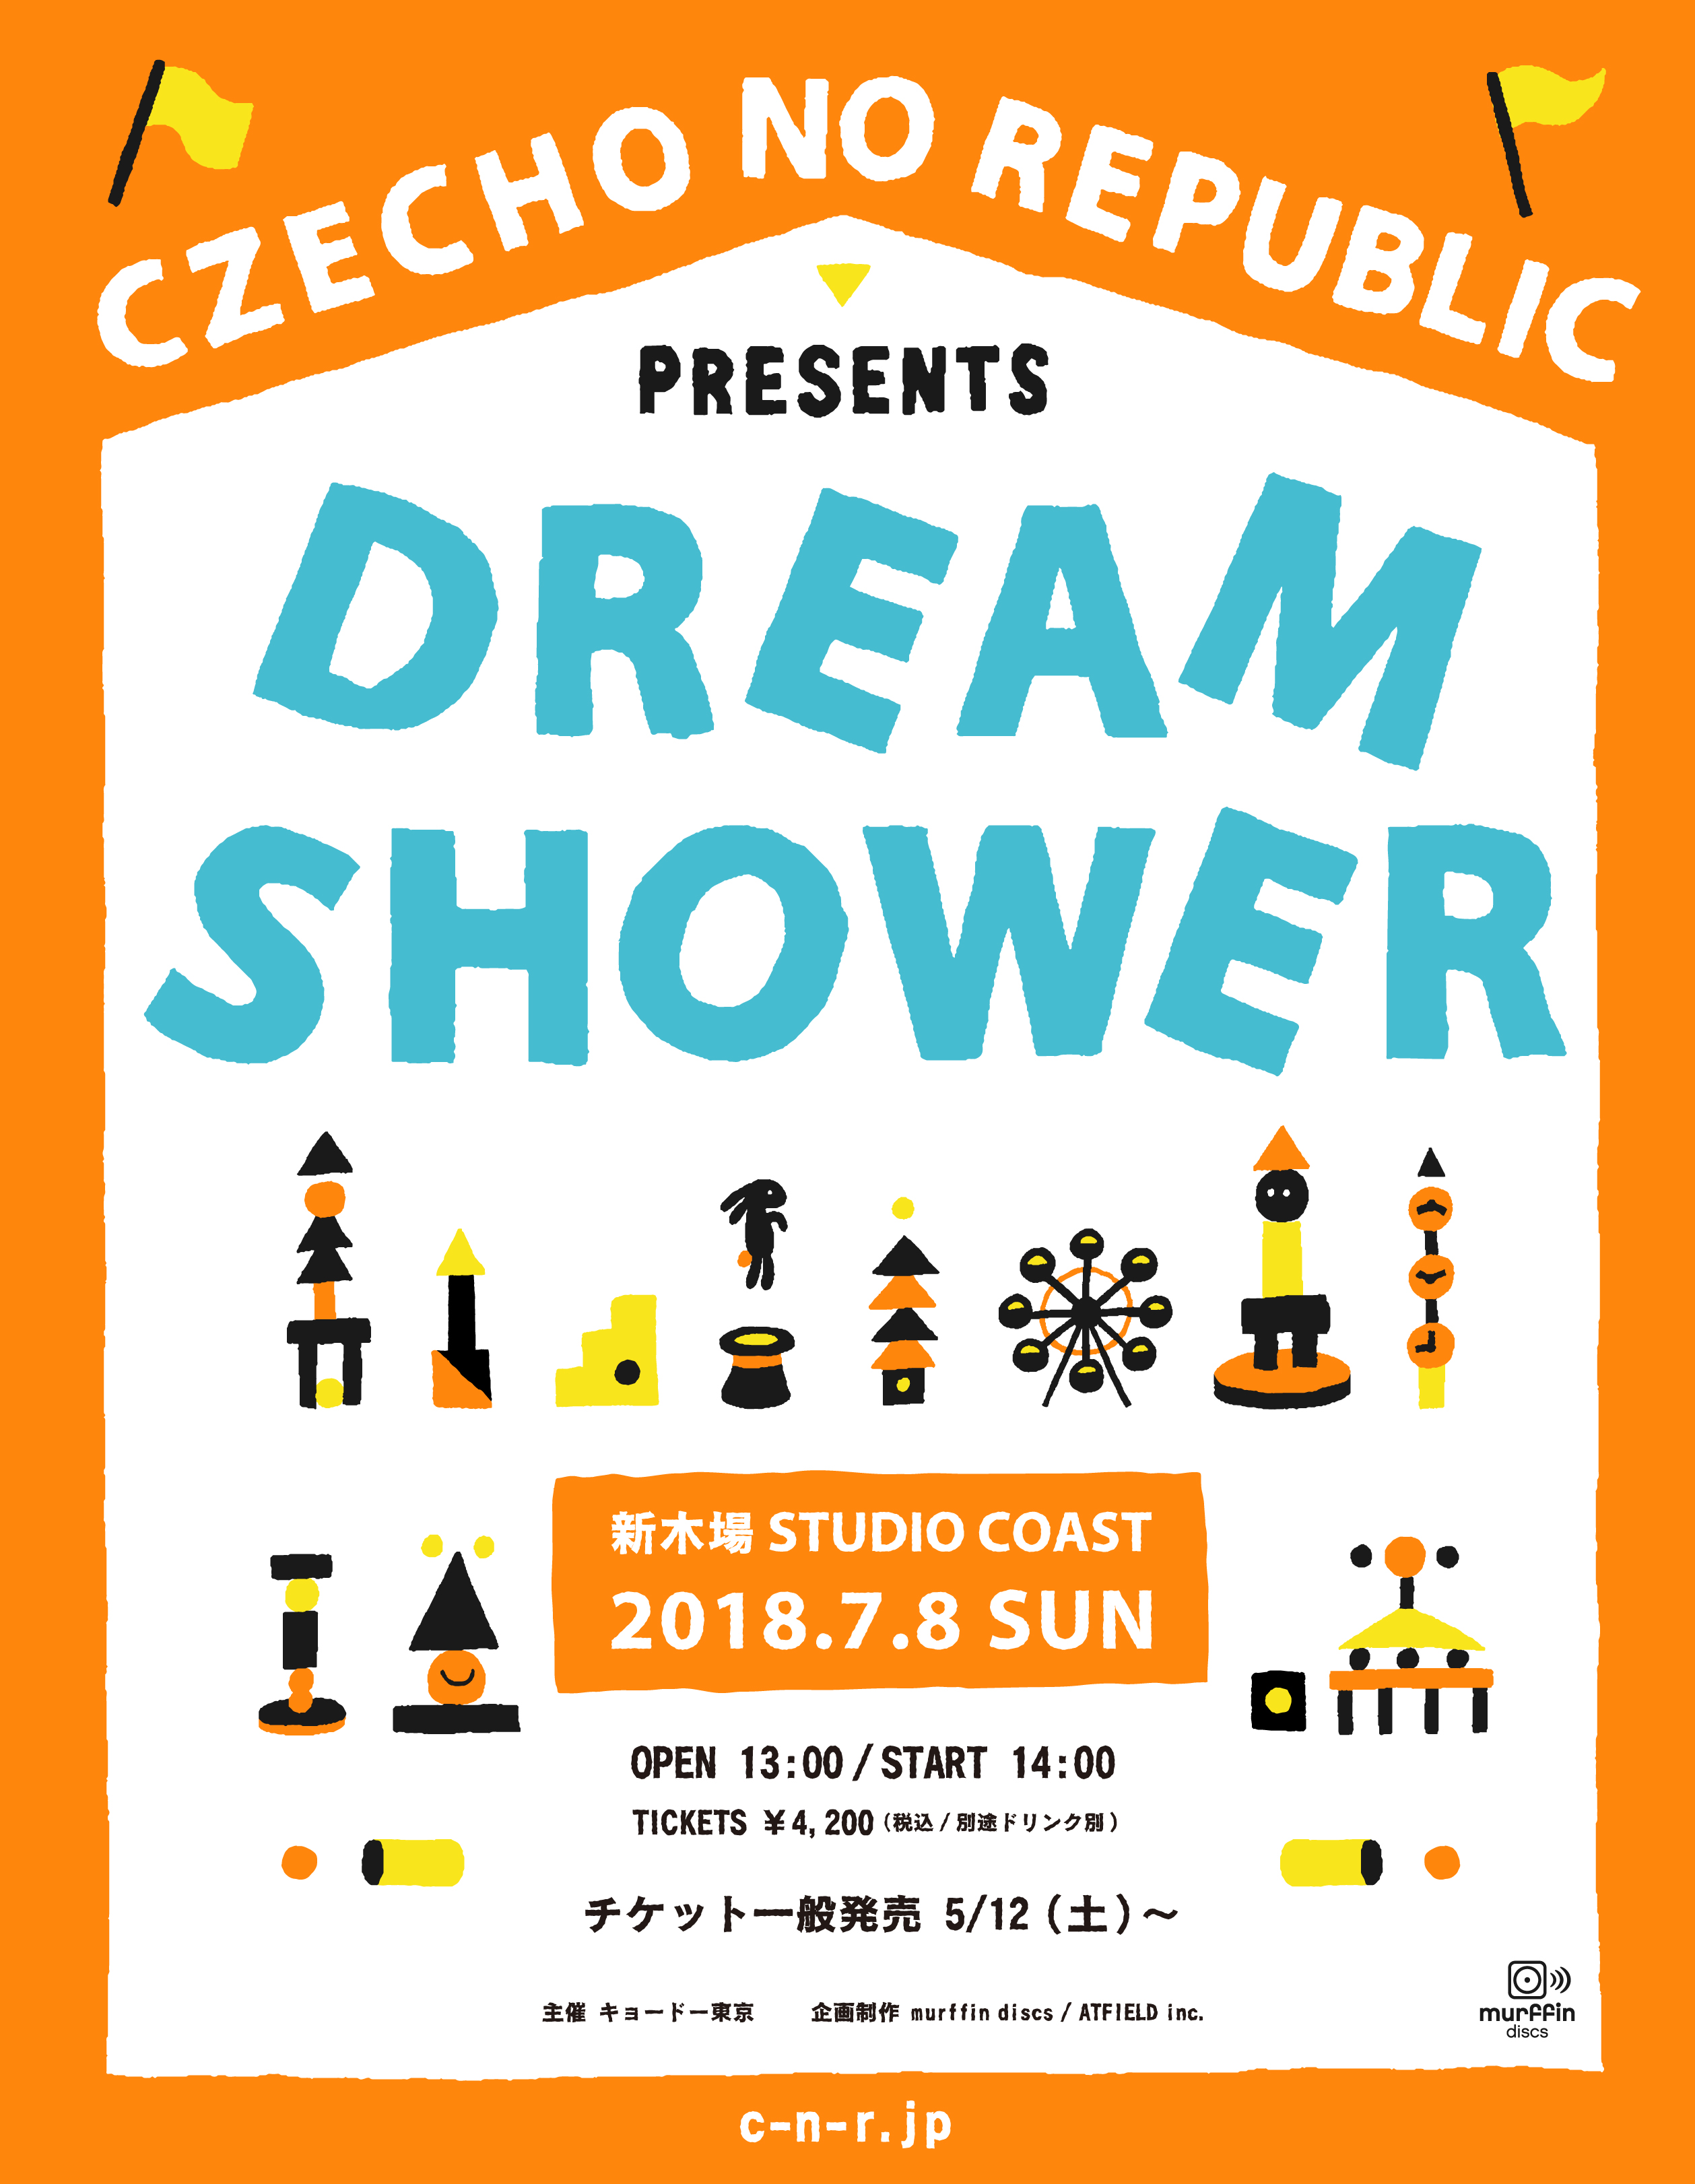 DREAM SHOWER